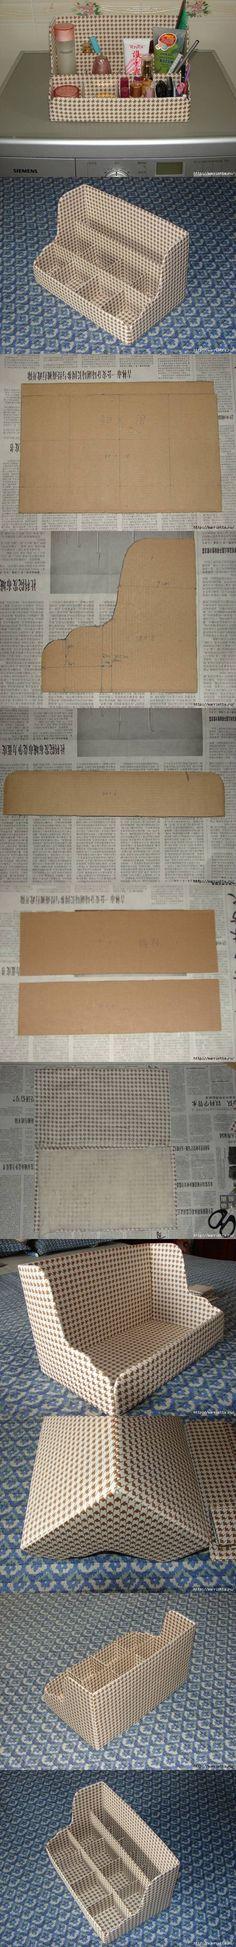 Asztali rendszerező kartonpapírból / DIY Cardboard Shelves Organizer